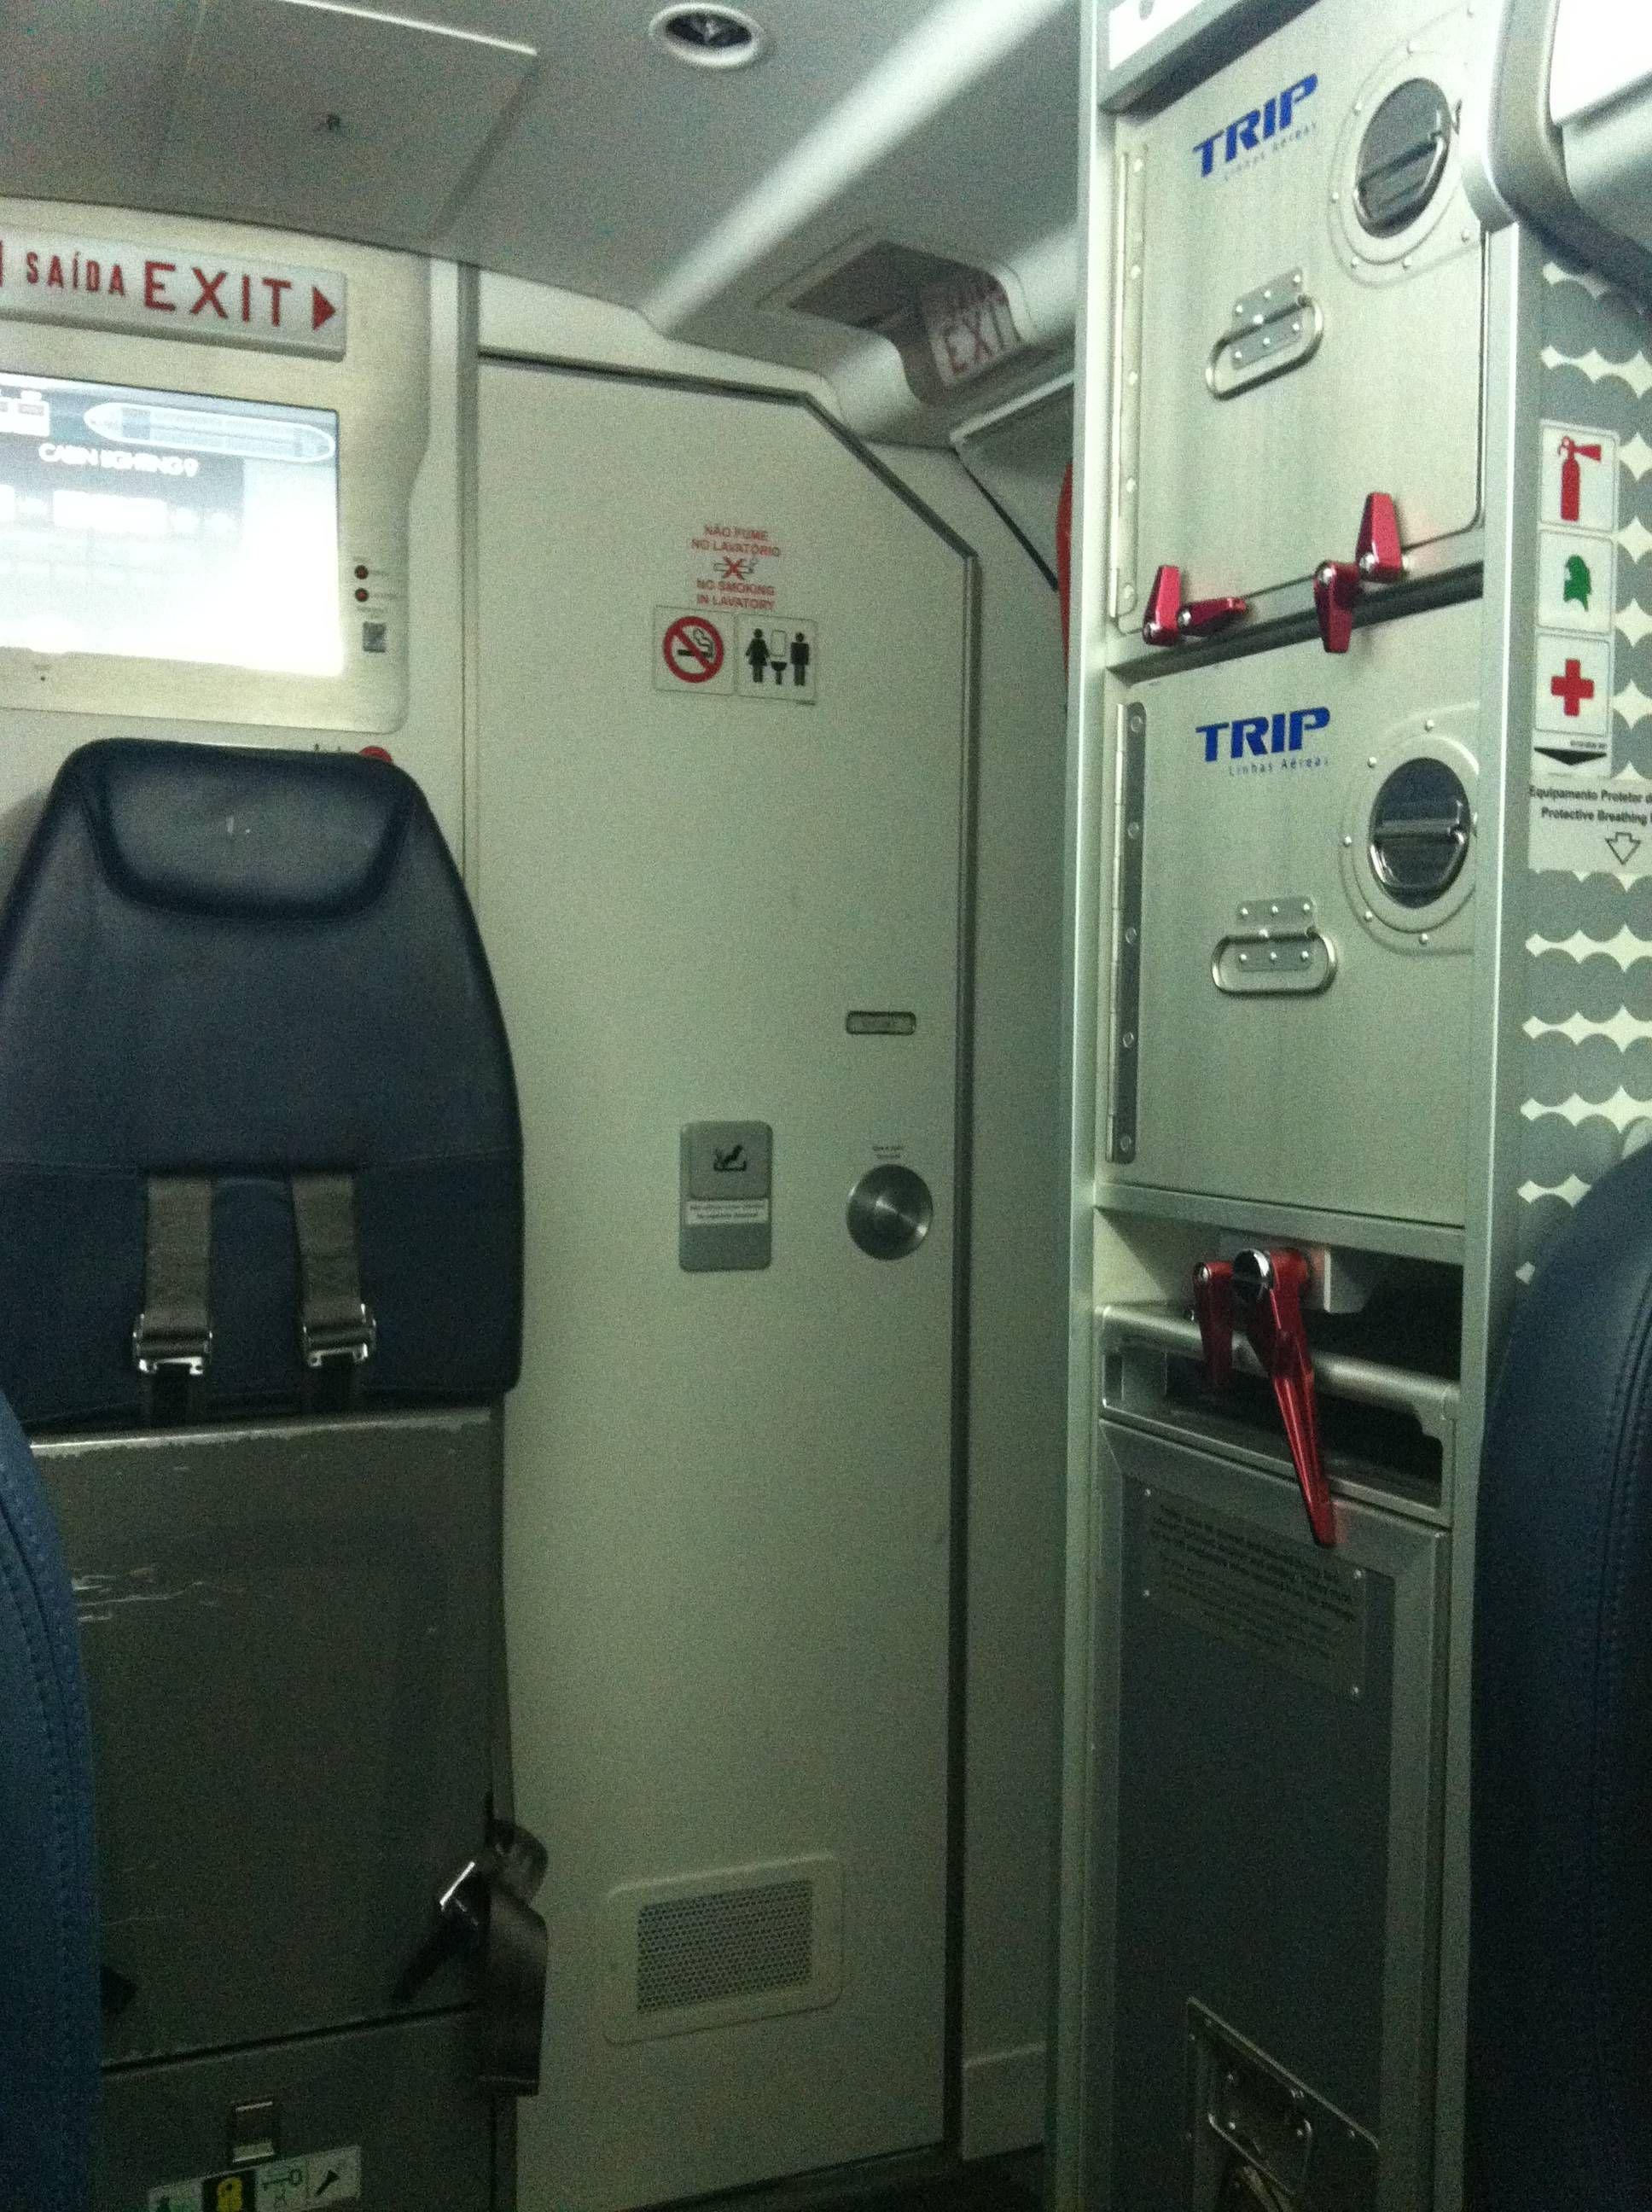 ao lado da escada do avião e também do banheiro #713636 1936x2592 Banheiro De Avião